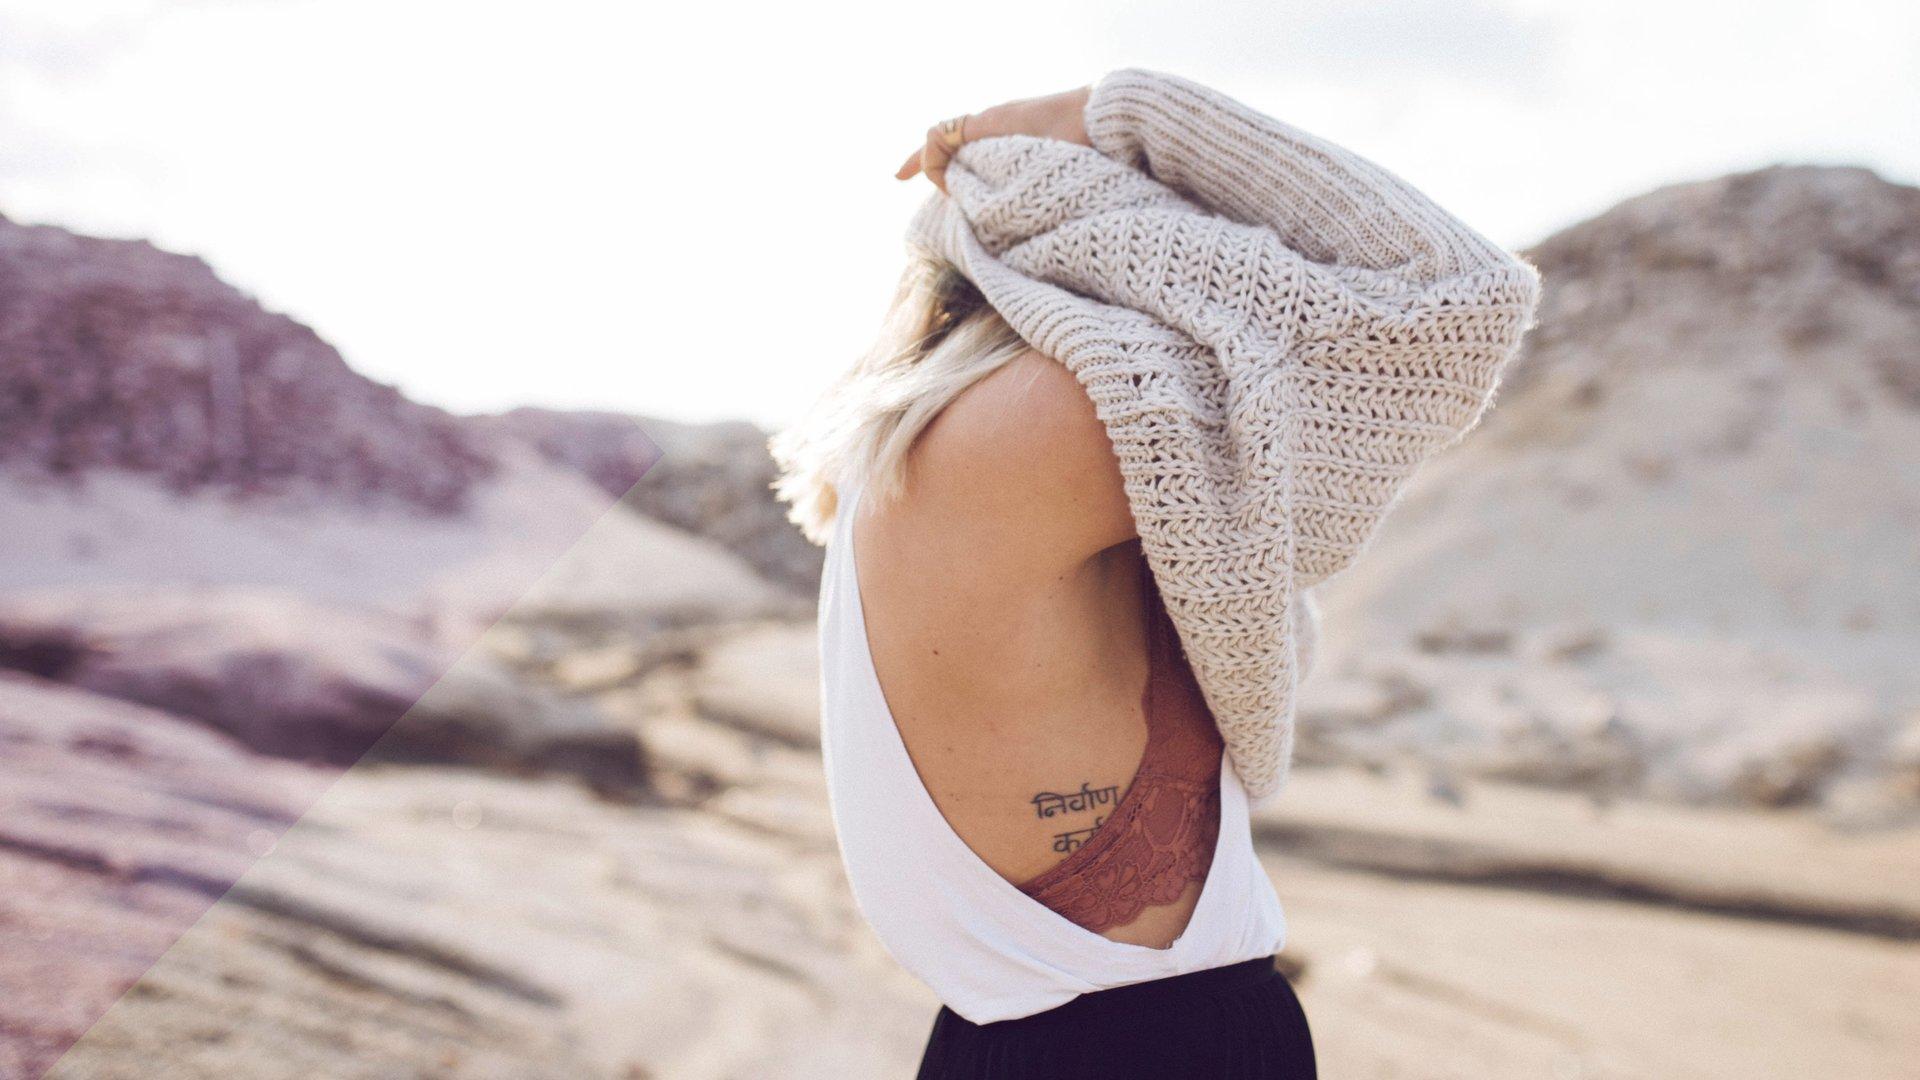 Für ausgefallene männer tattoos 30 Handgelenk